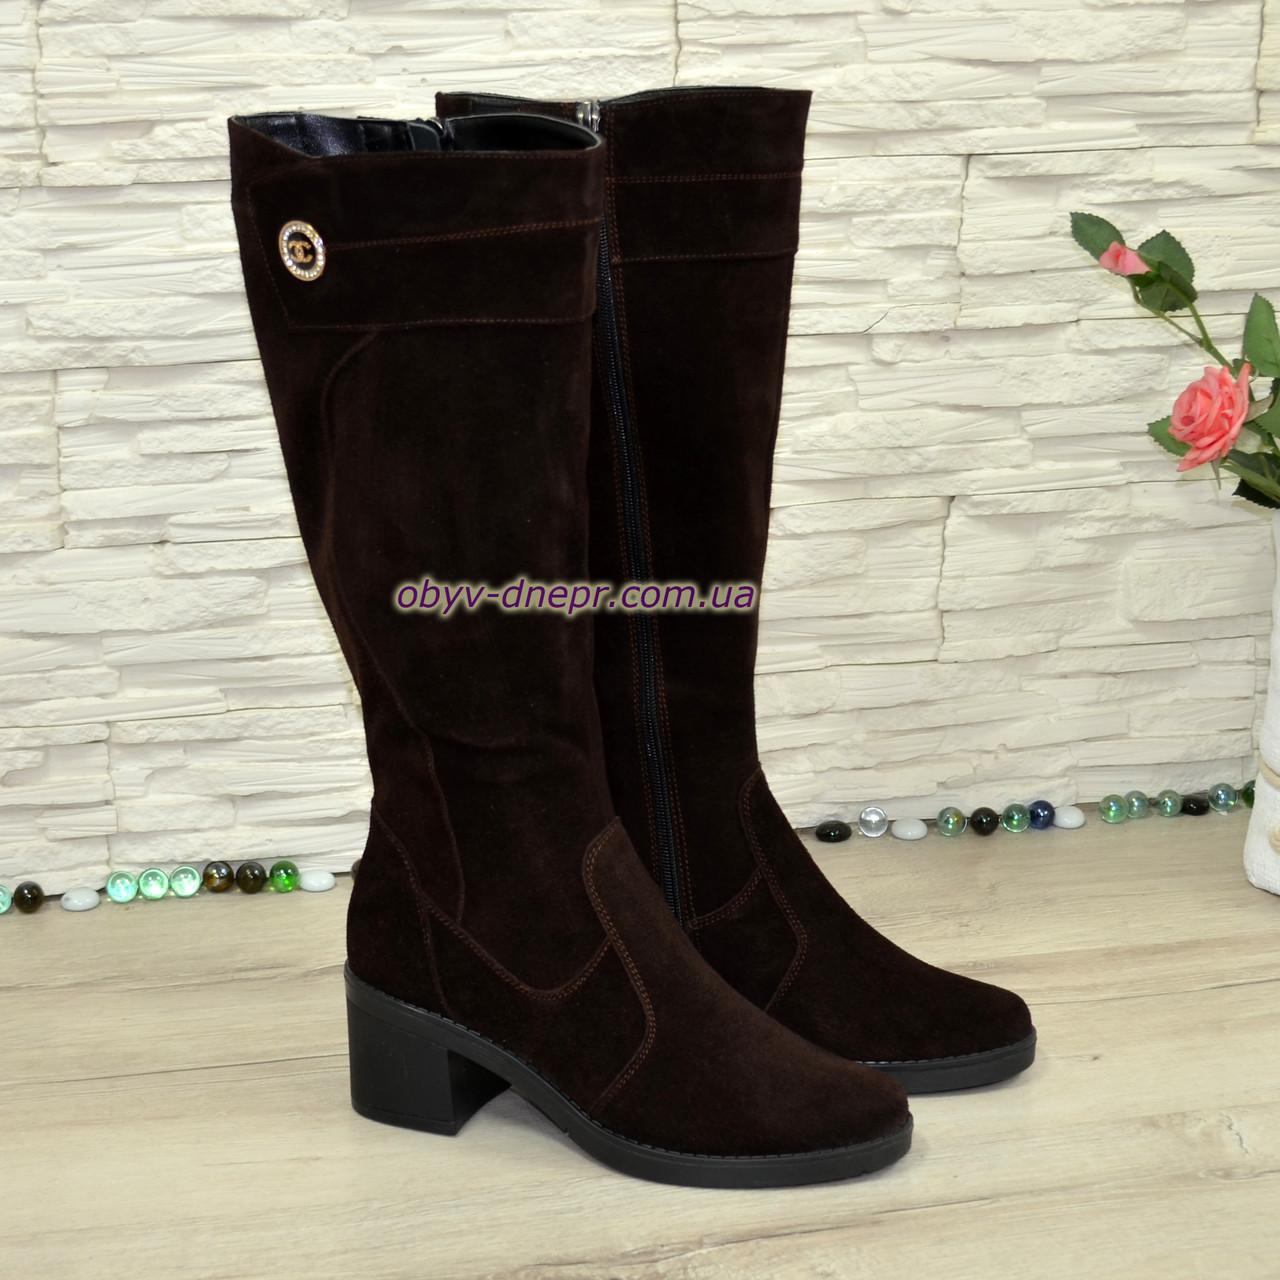 Женские замшевые сапоги на устойчивом каблуке, цвет коричневый. Батал!